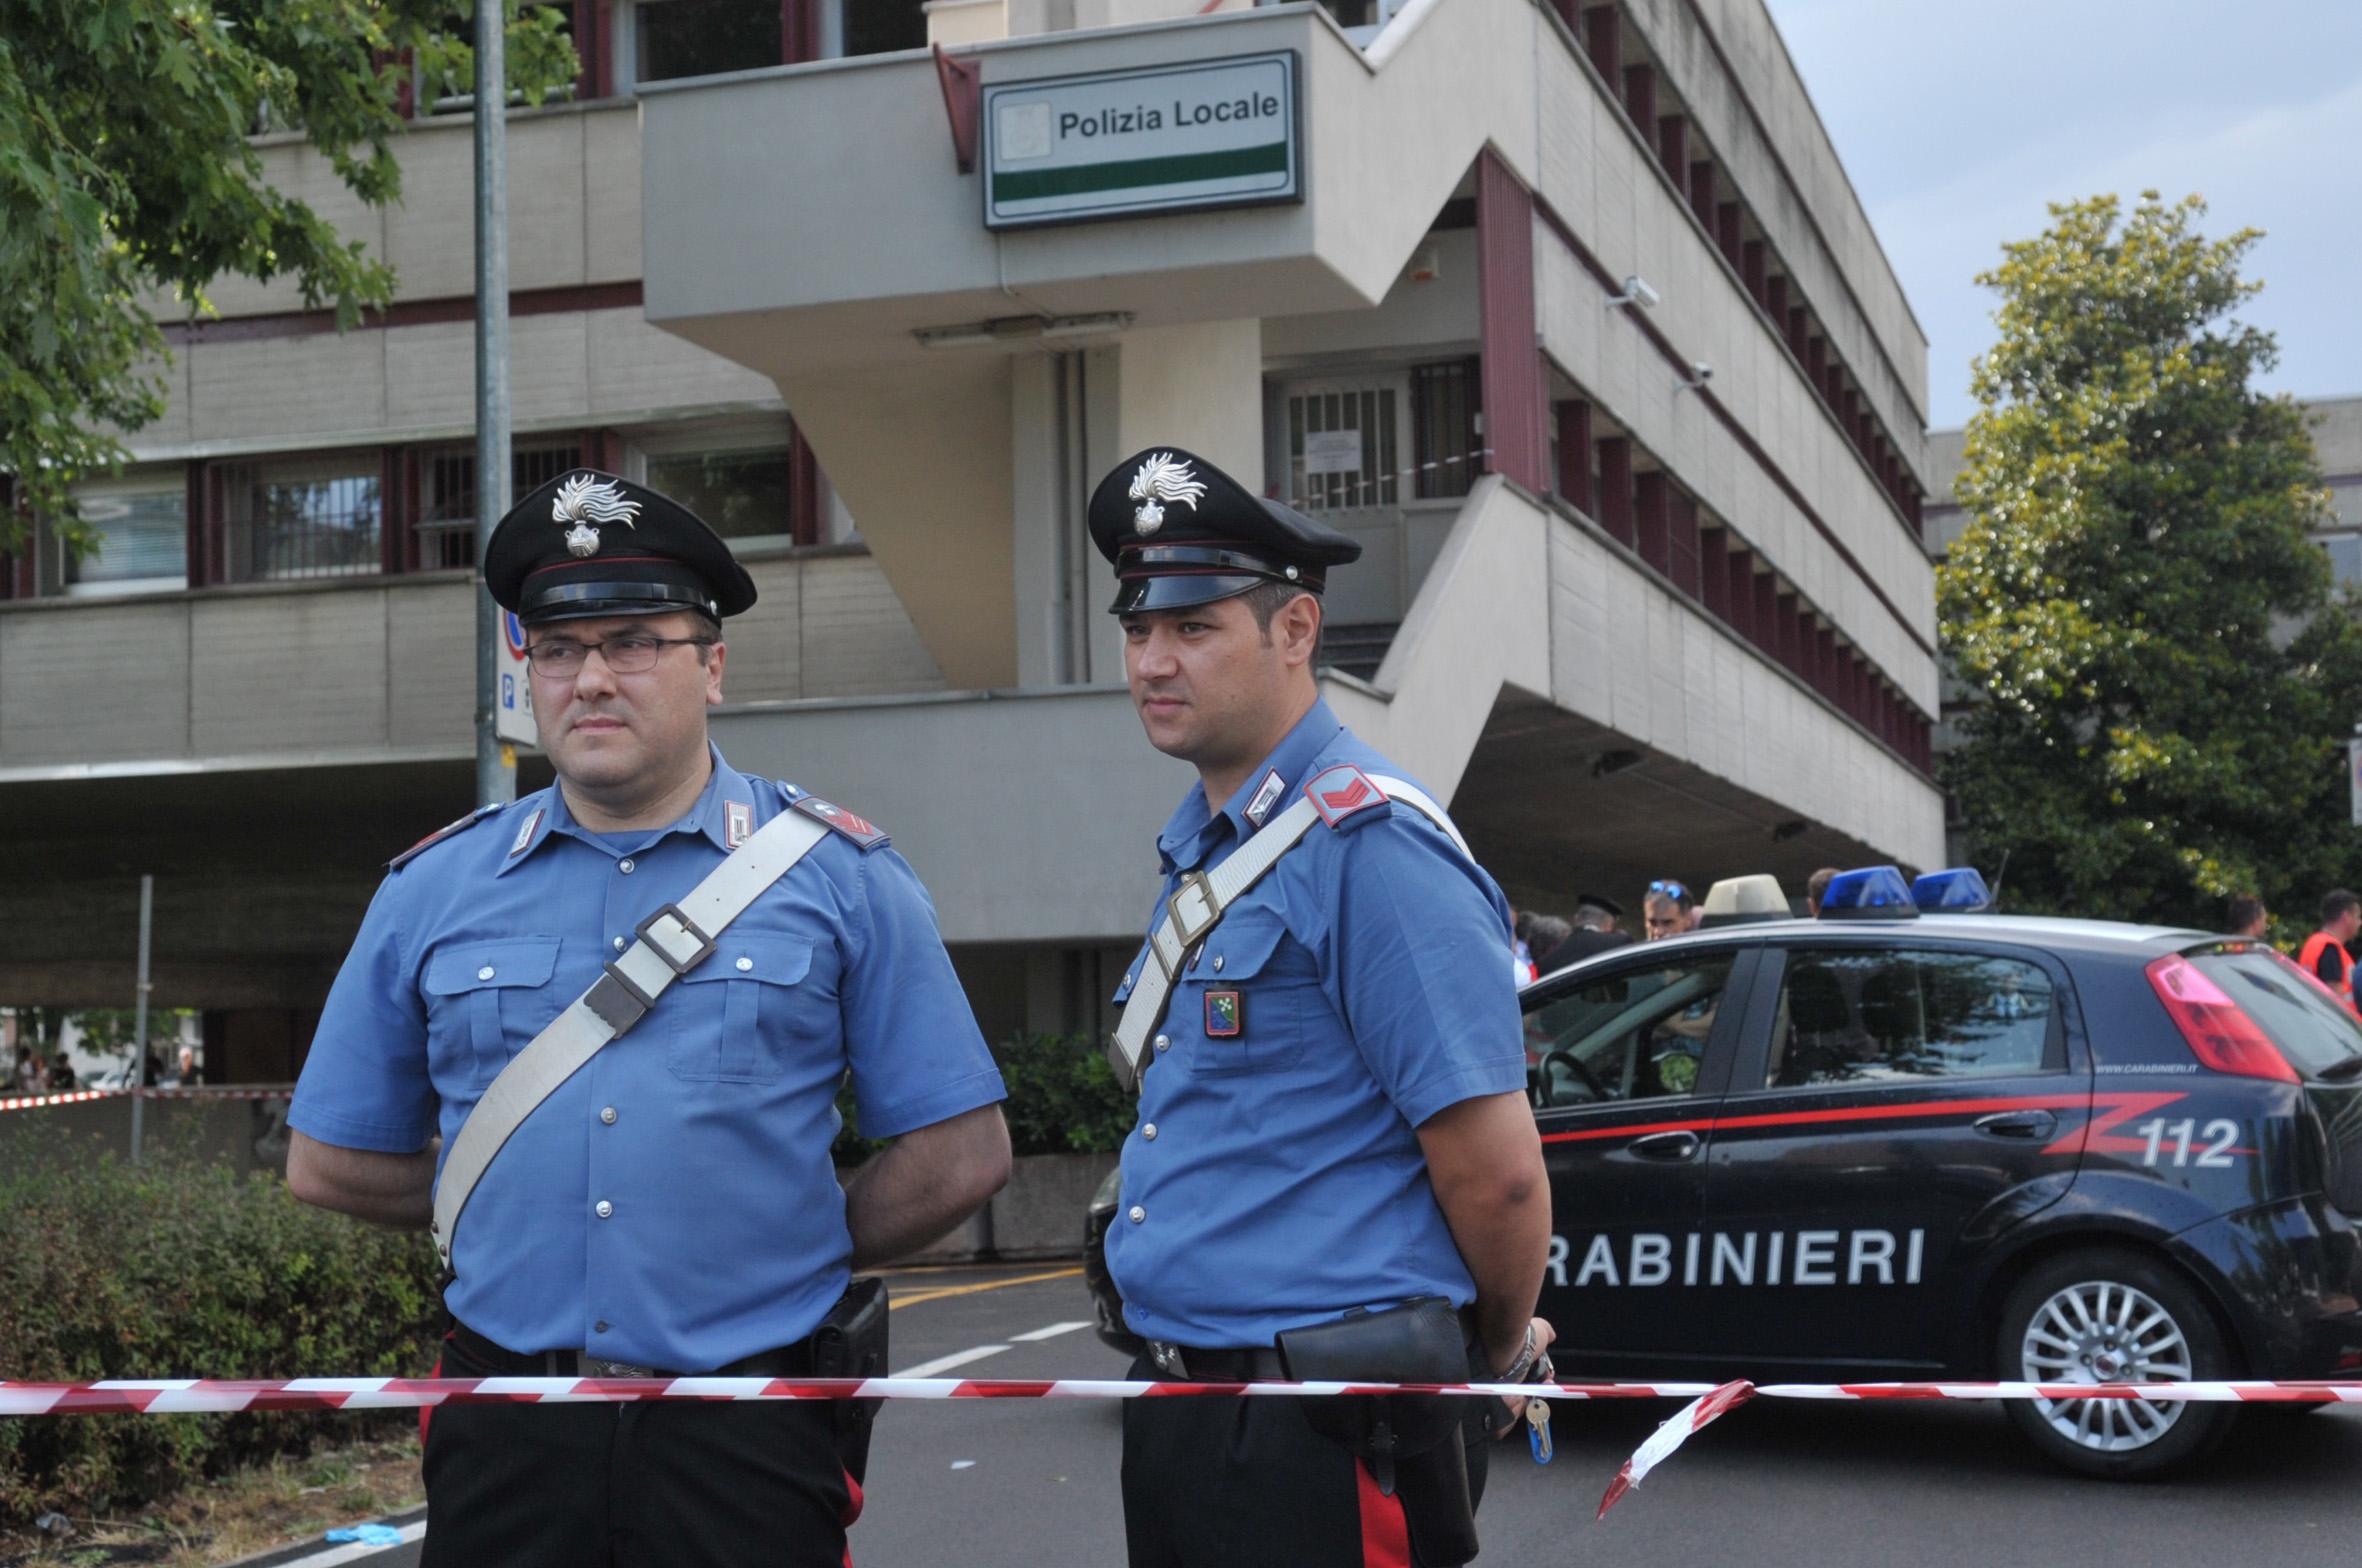 Sparatoria tra due vigili a san donato milanese omicidio for Arredamenti ballabio san donato milanese